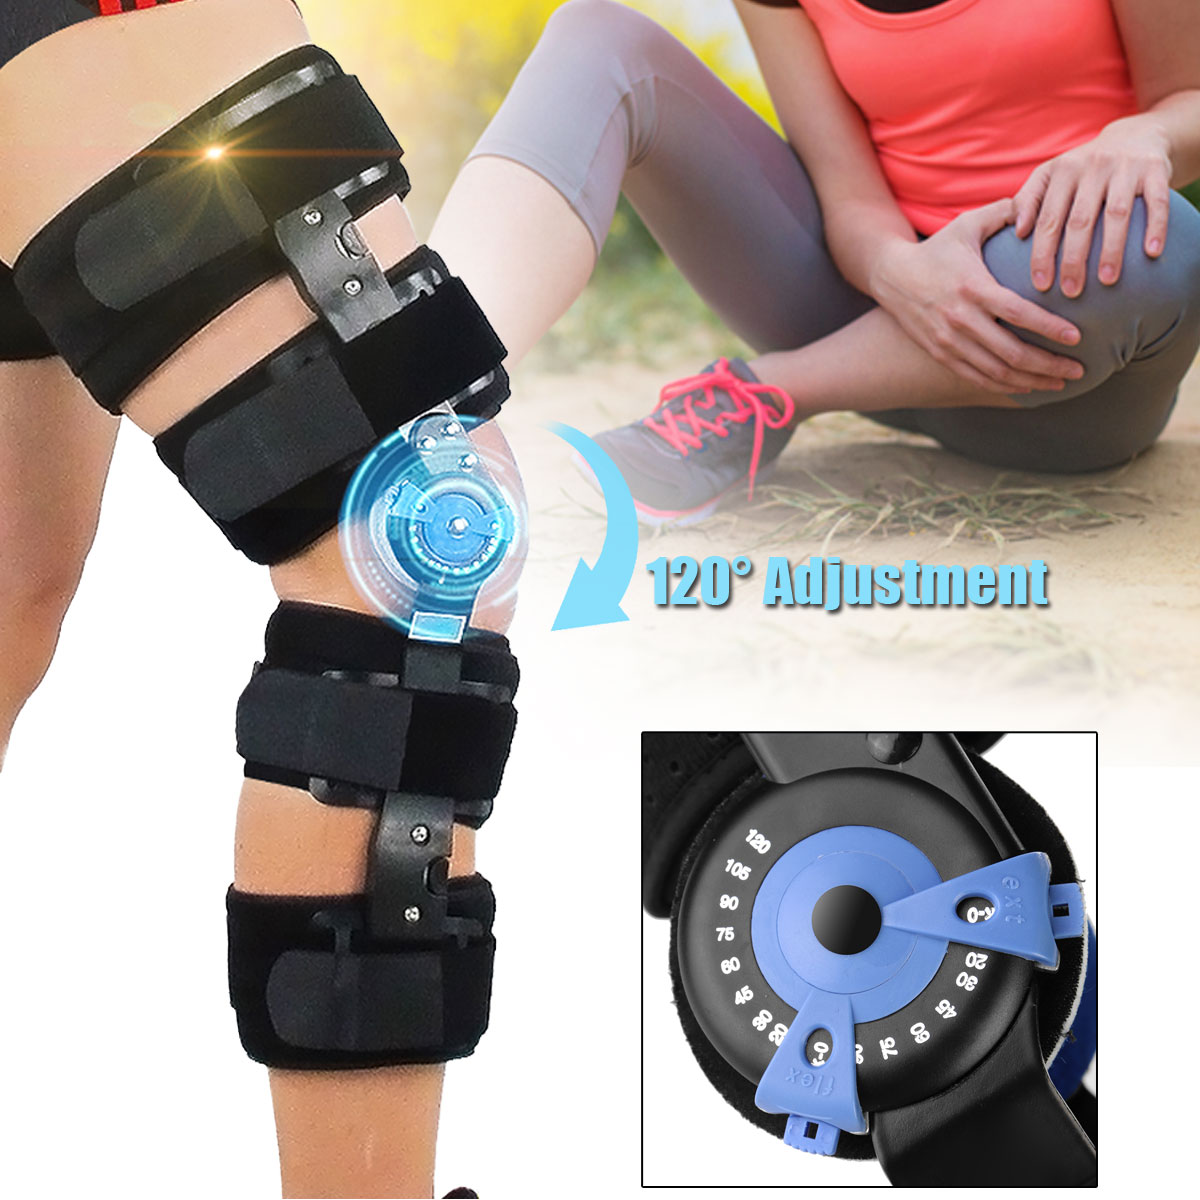 KIFIT ROM Medizinische Grade 0-120 Grad Einstellbar Klapp Knie Bein Brace Unterstützung & Schützen Knie